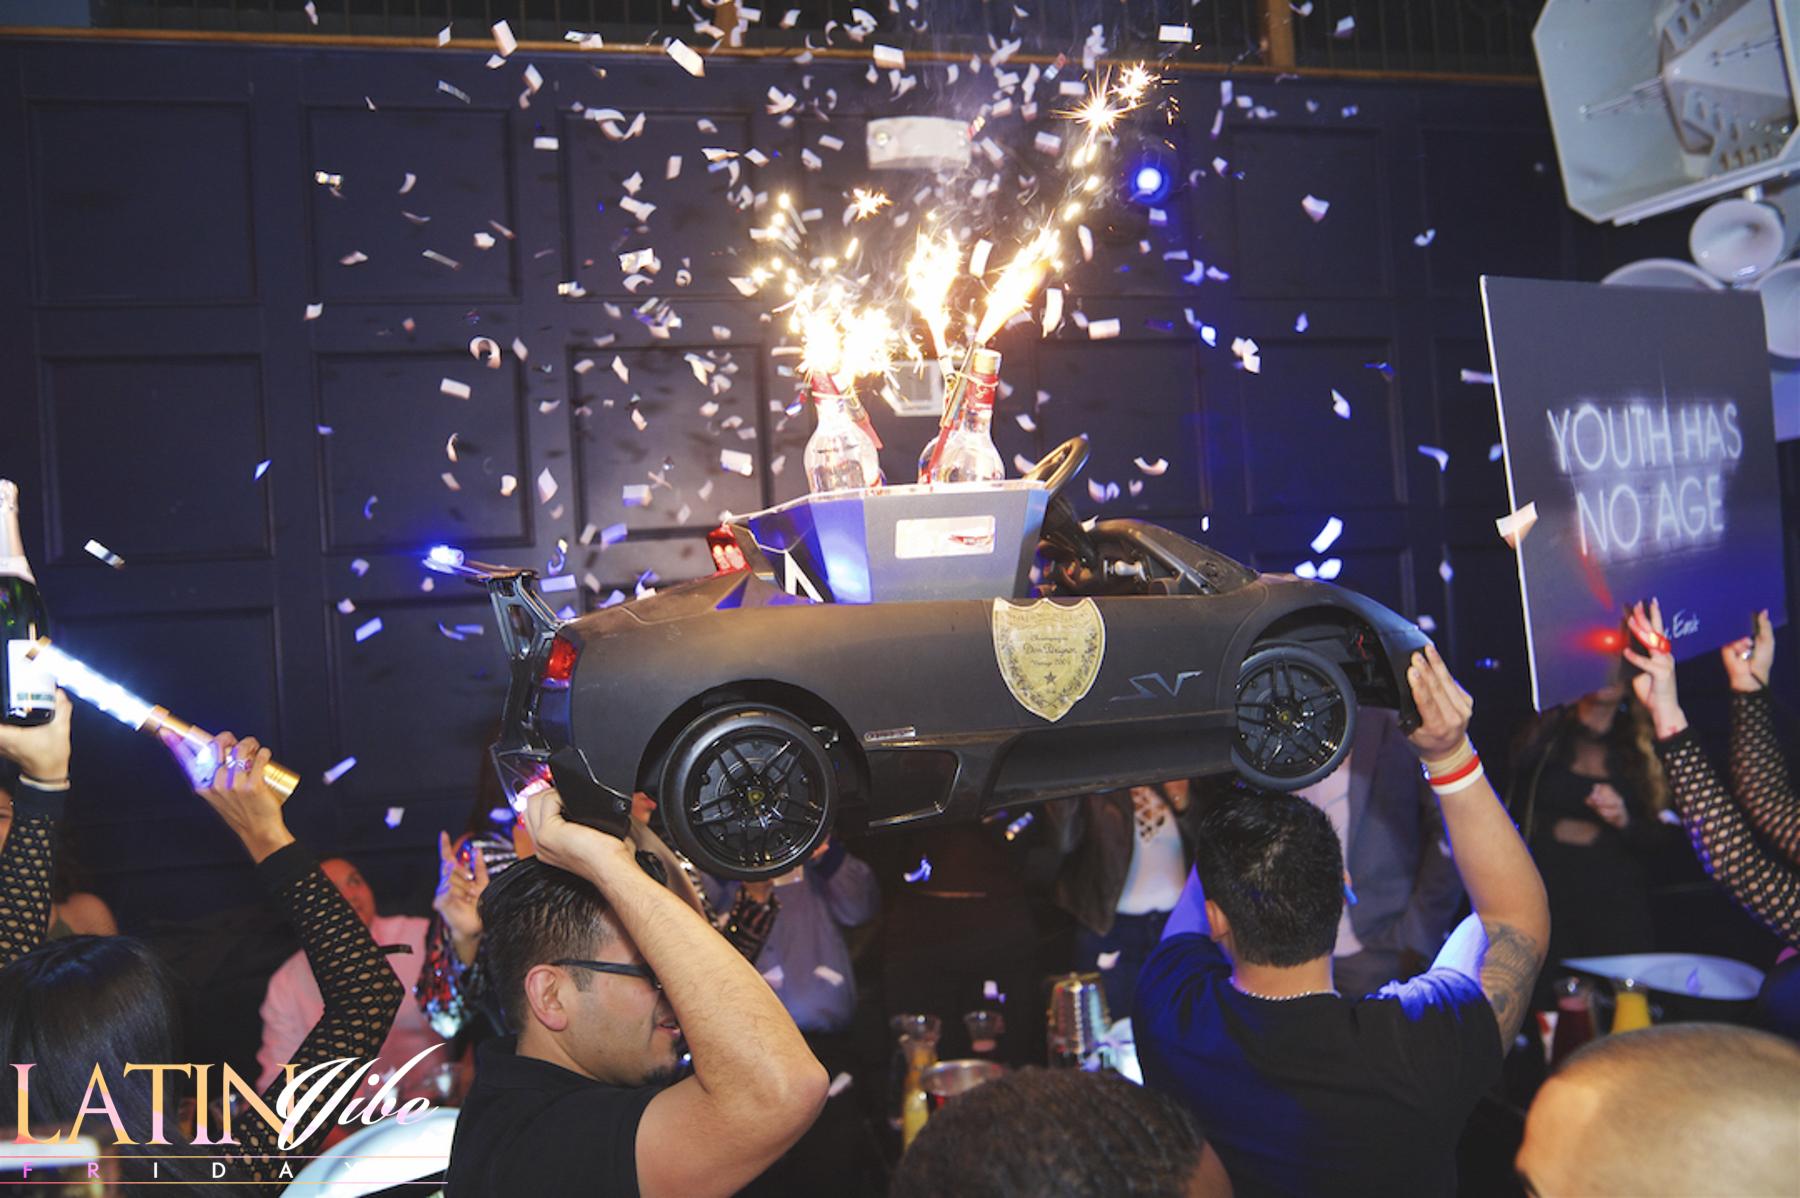 4.20.18 - DJ DREWSKI, BACAN BACAN